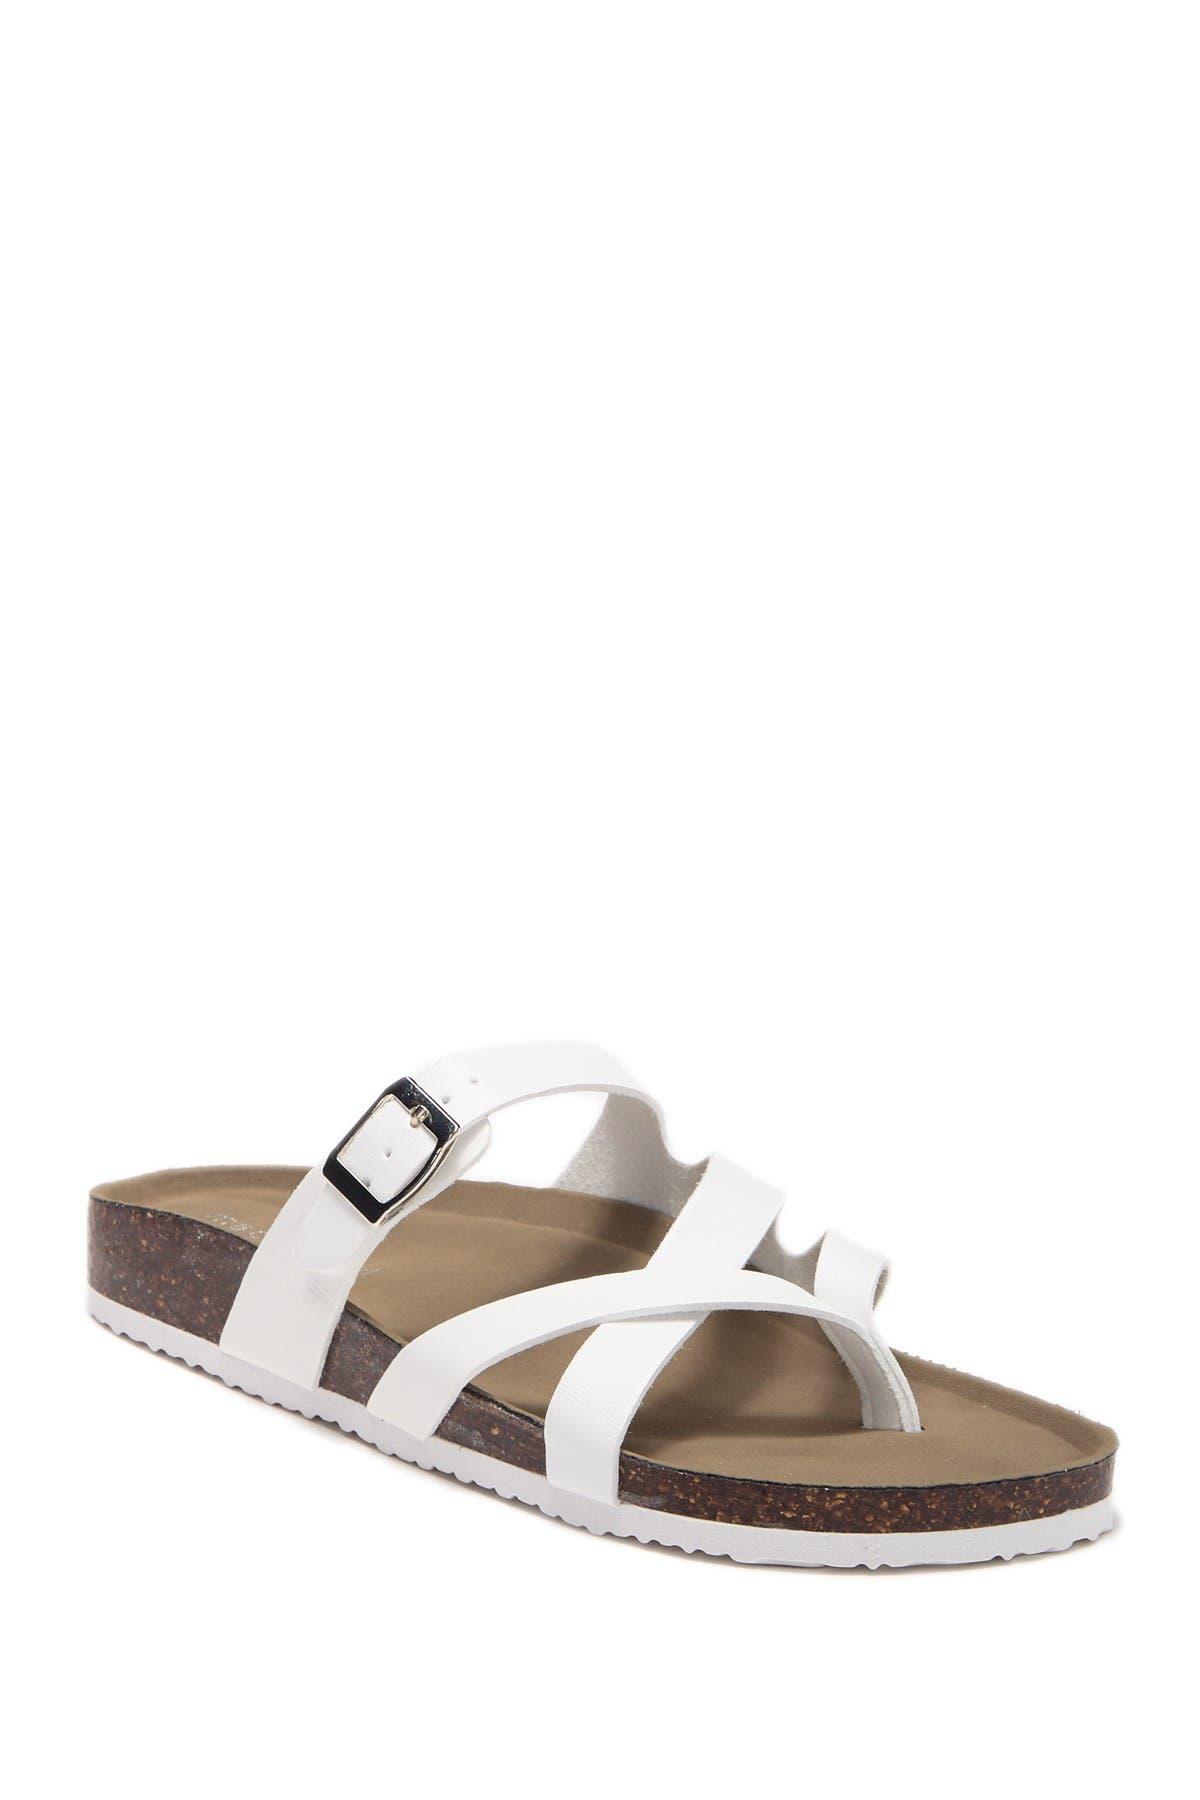 Image of Madden Girl Bartlet Slide Thong Sandal